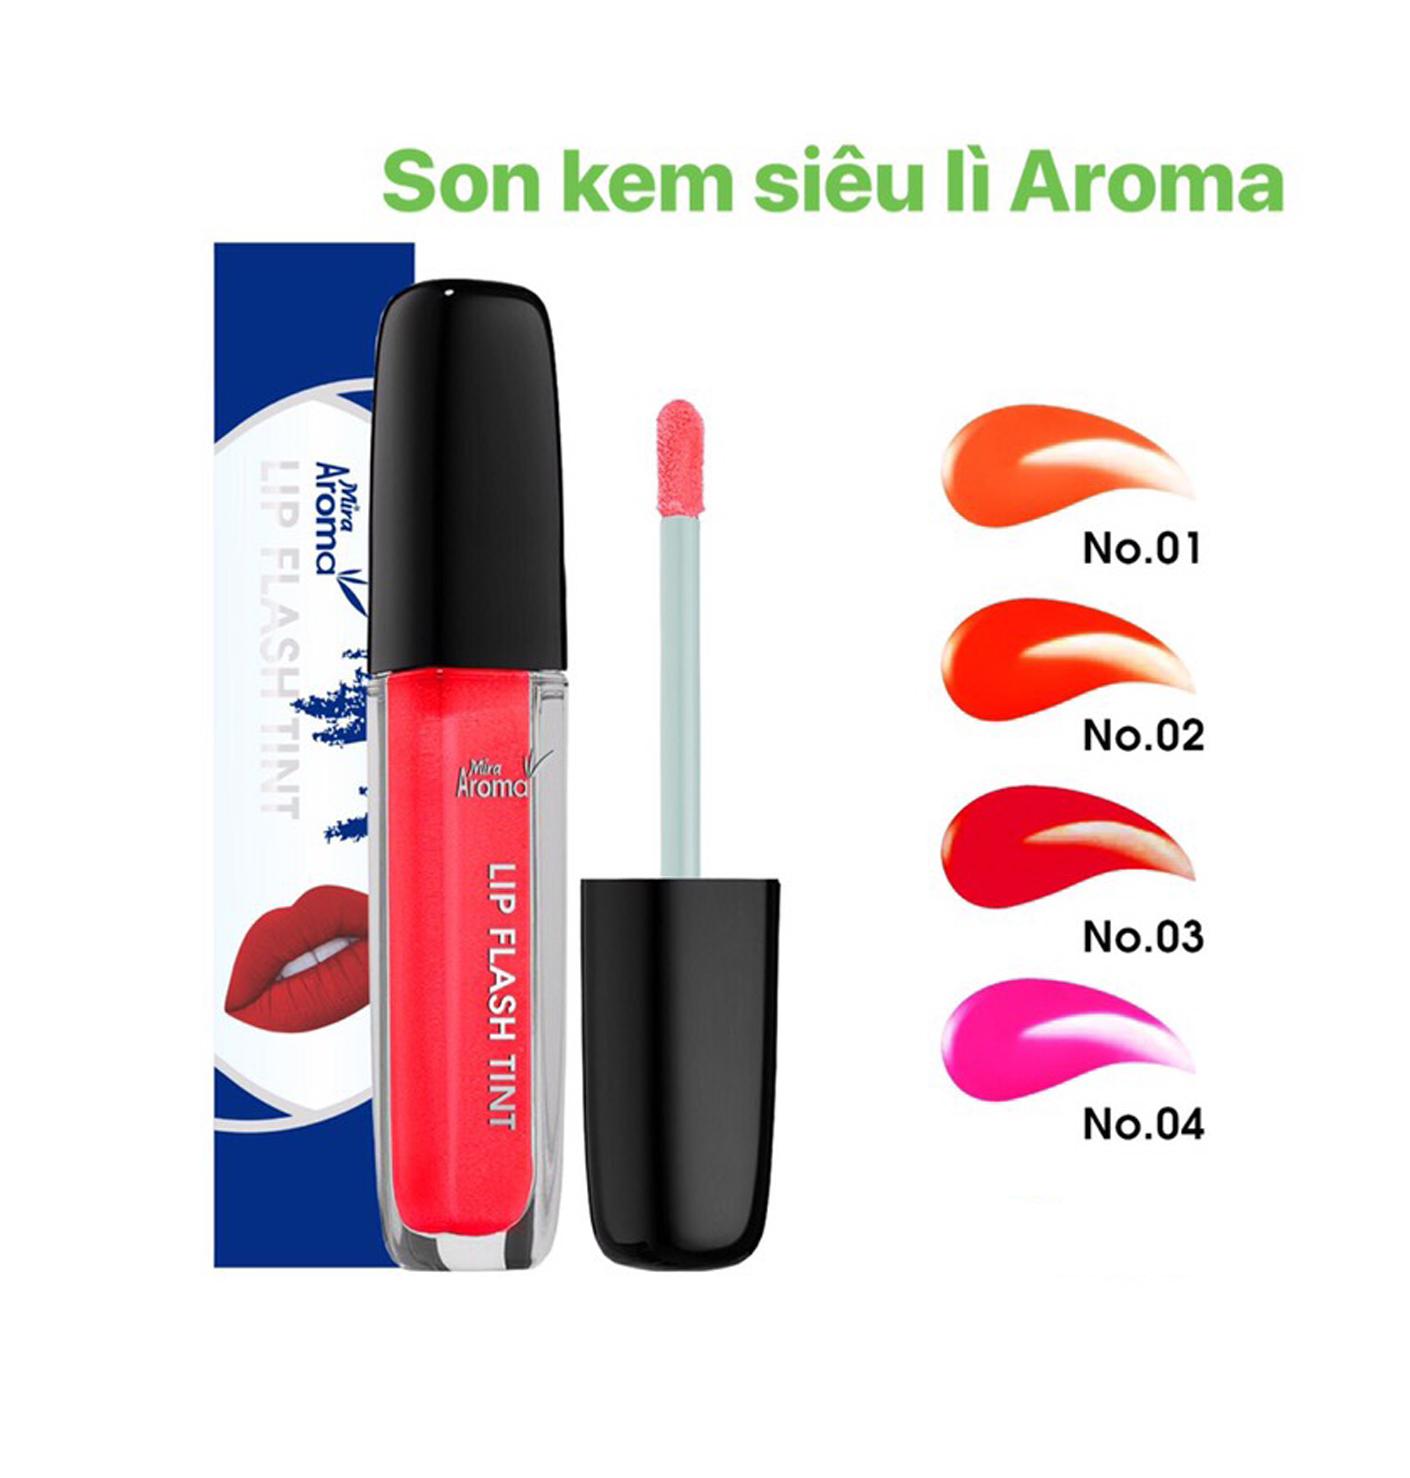 Son kem siêu lì Aroma Lip Flash Tint Hàn Quốc No.2 Màu đỏ cam tặng kèm móc khóa